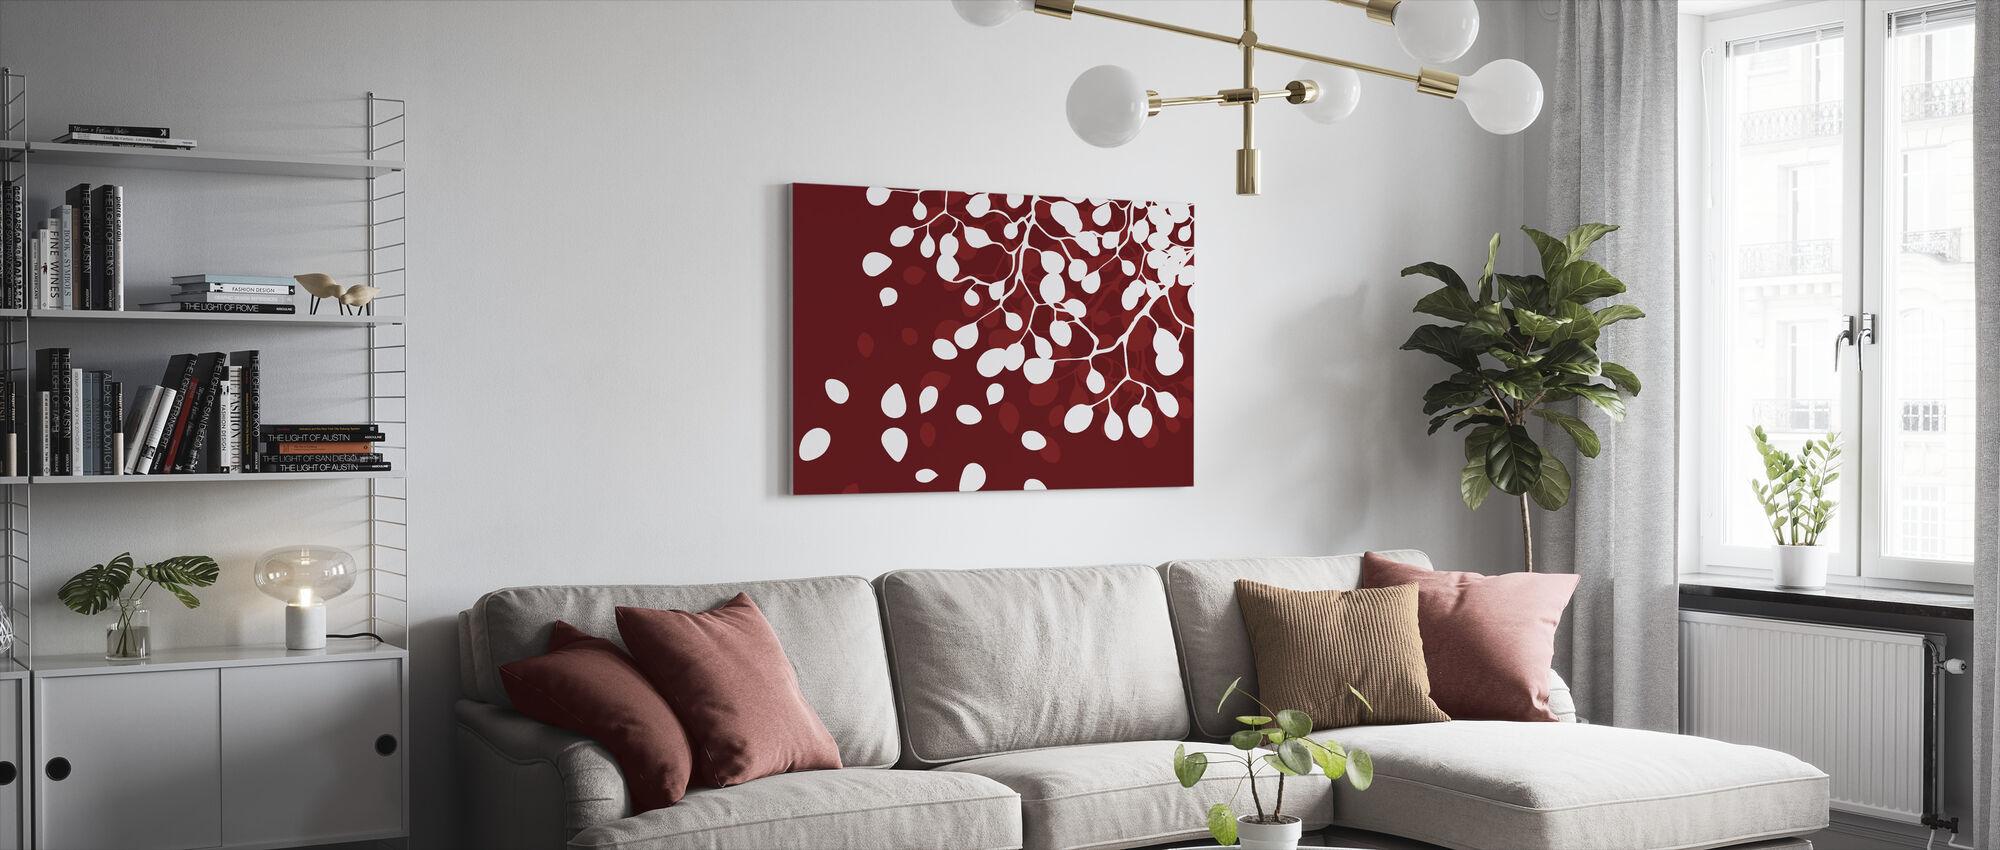 Koivu - Holiday Punainen - Canvastaulu - Olohuone